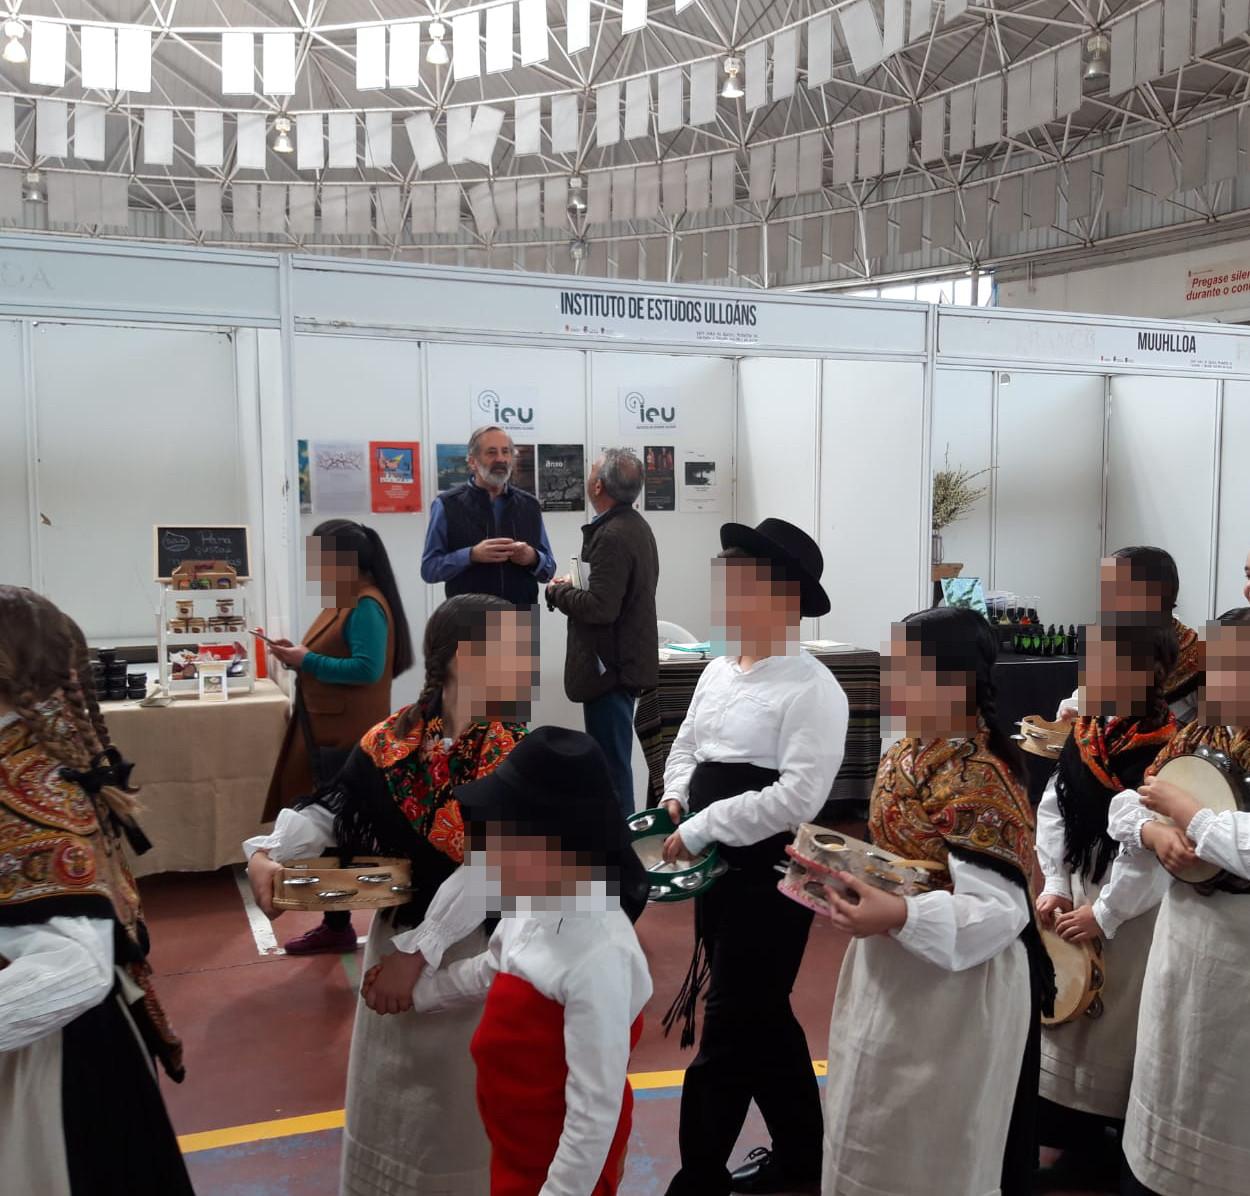 O IEU na XXVII Feira do Queixo da Ulloa, Monterroso maio 2019 (2)